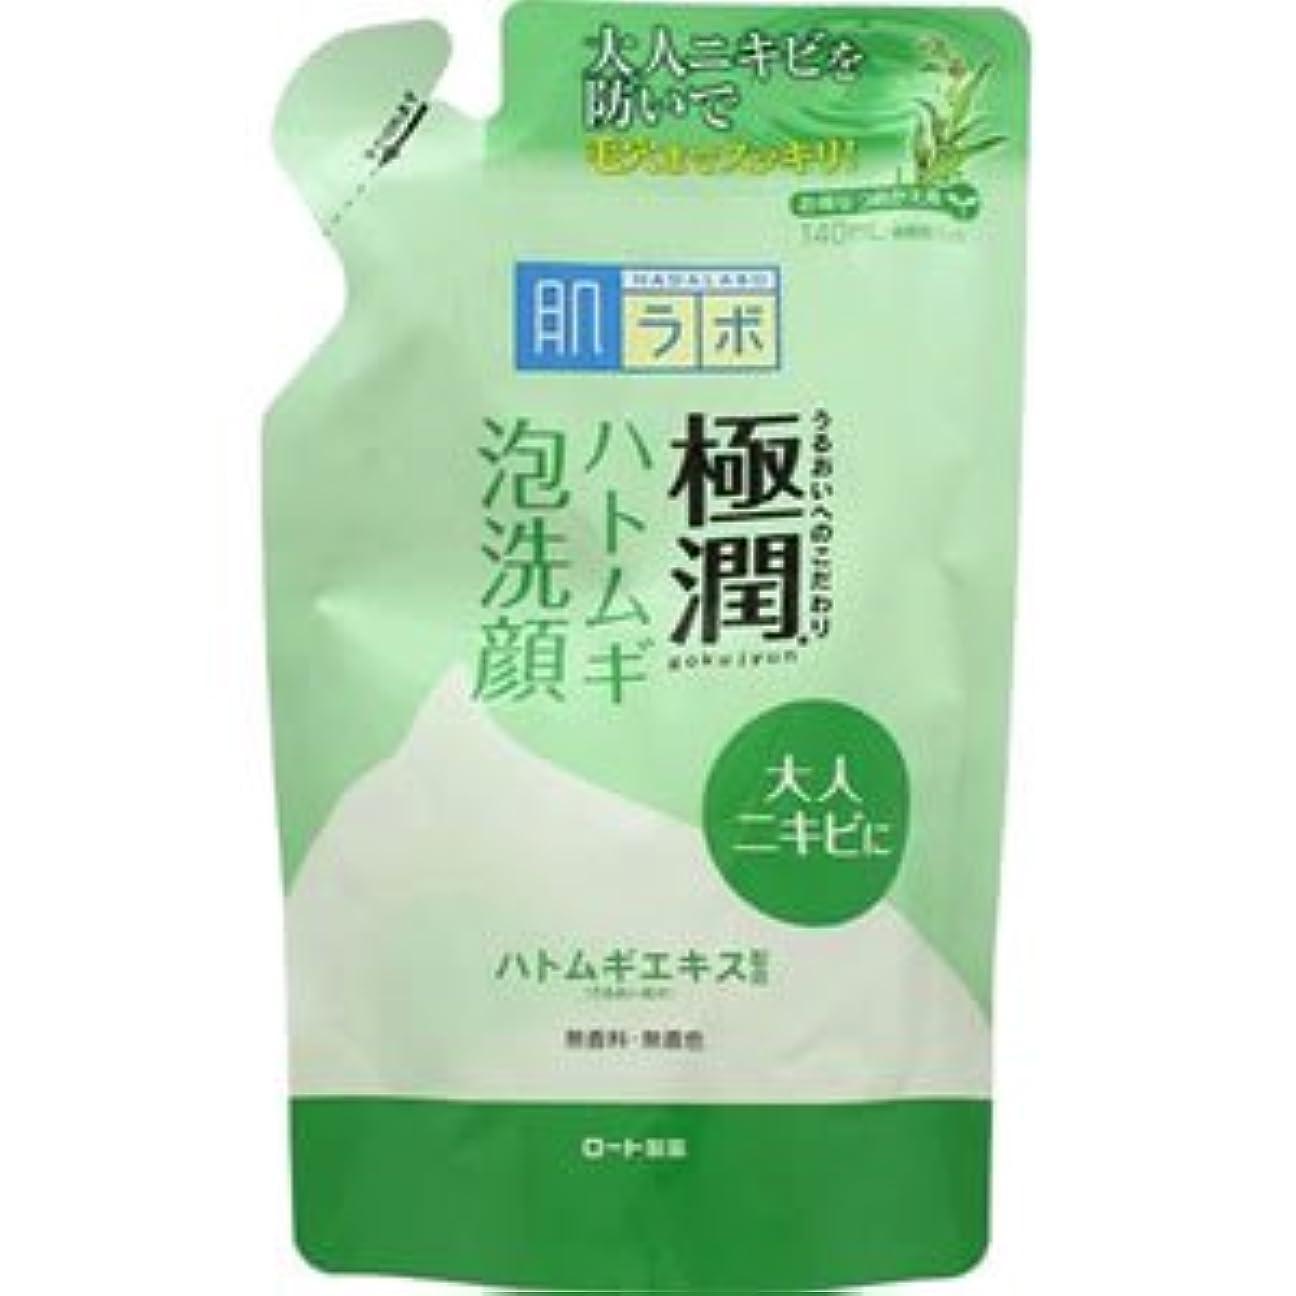 チケットポーチメンター(ロート製薬)肌研 極潤ハトムギ泡洗顔 140ml(つめかえ用)(お買い得3個セット)